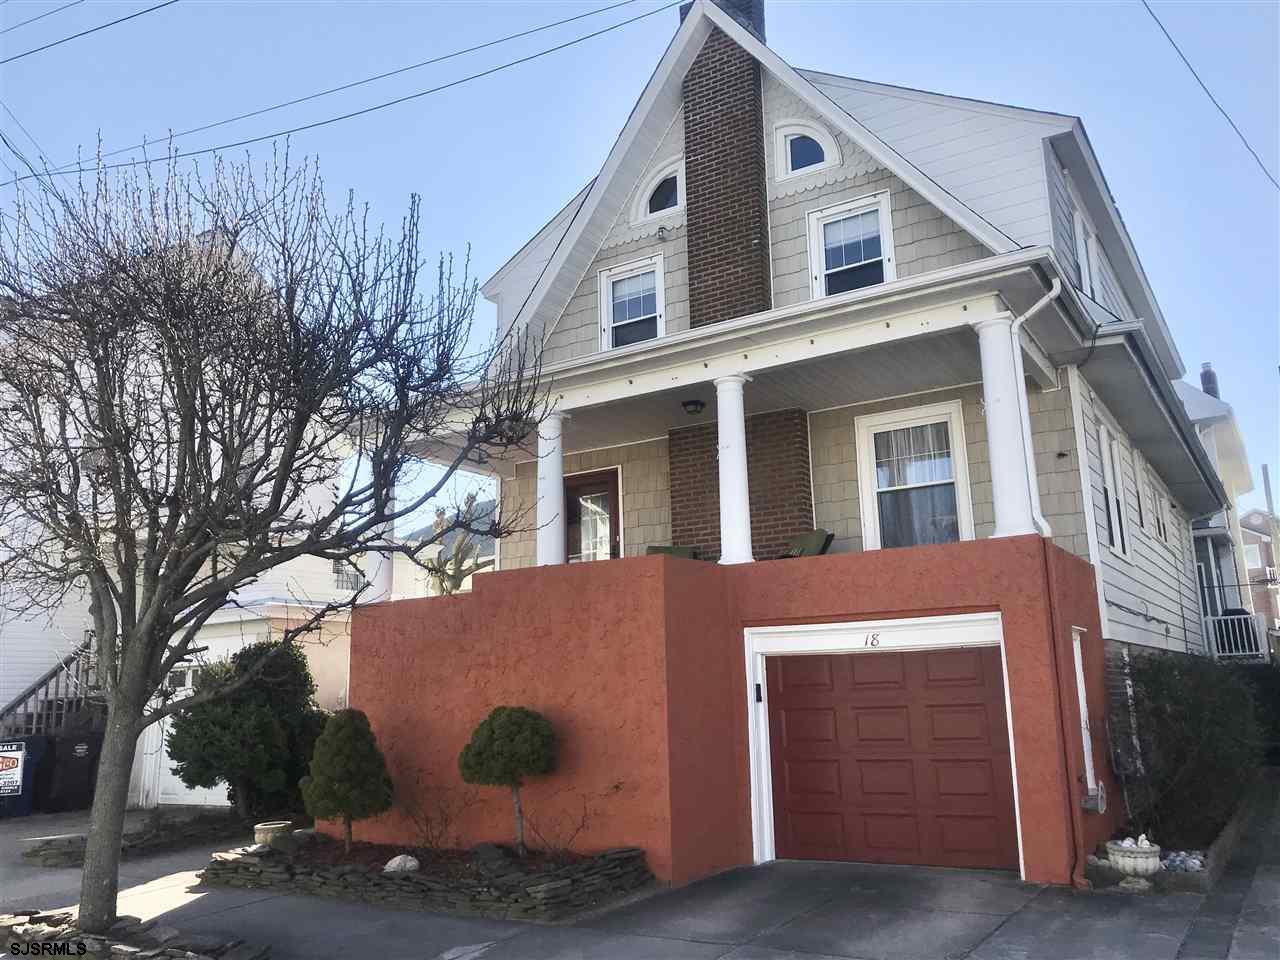 18 S Swarthmore Ave, Ventnor, NJ, 08406